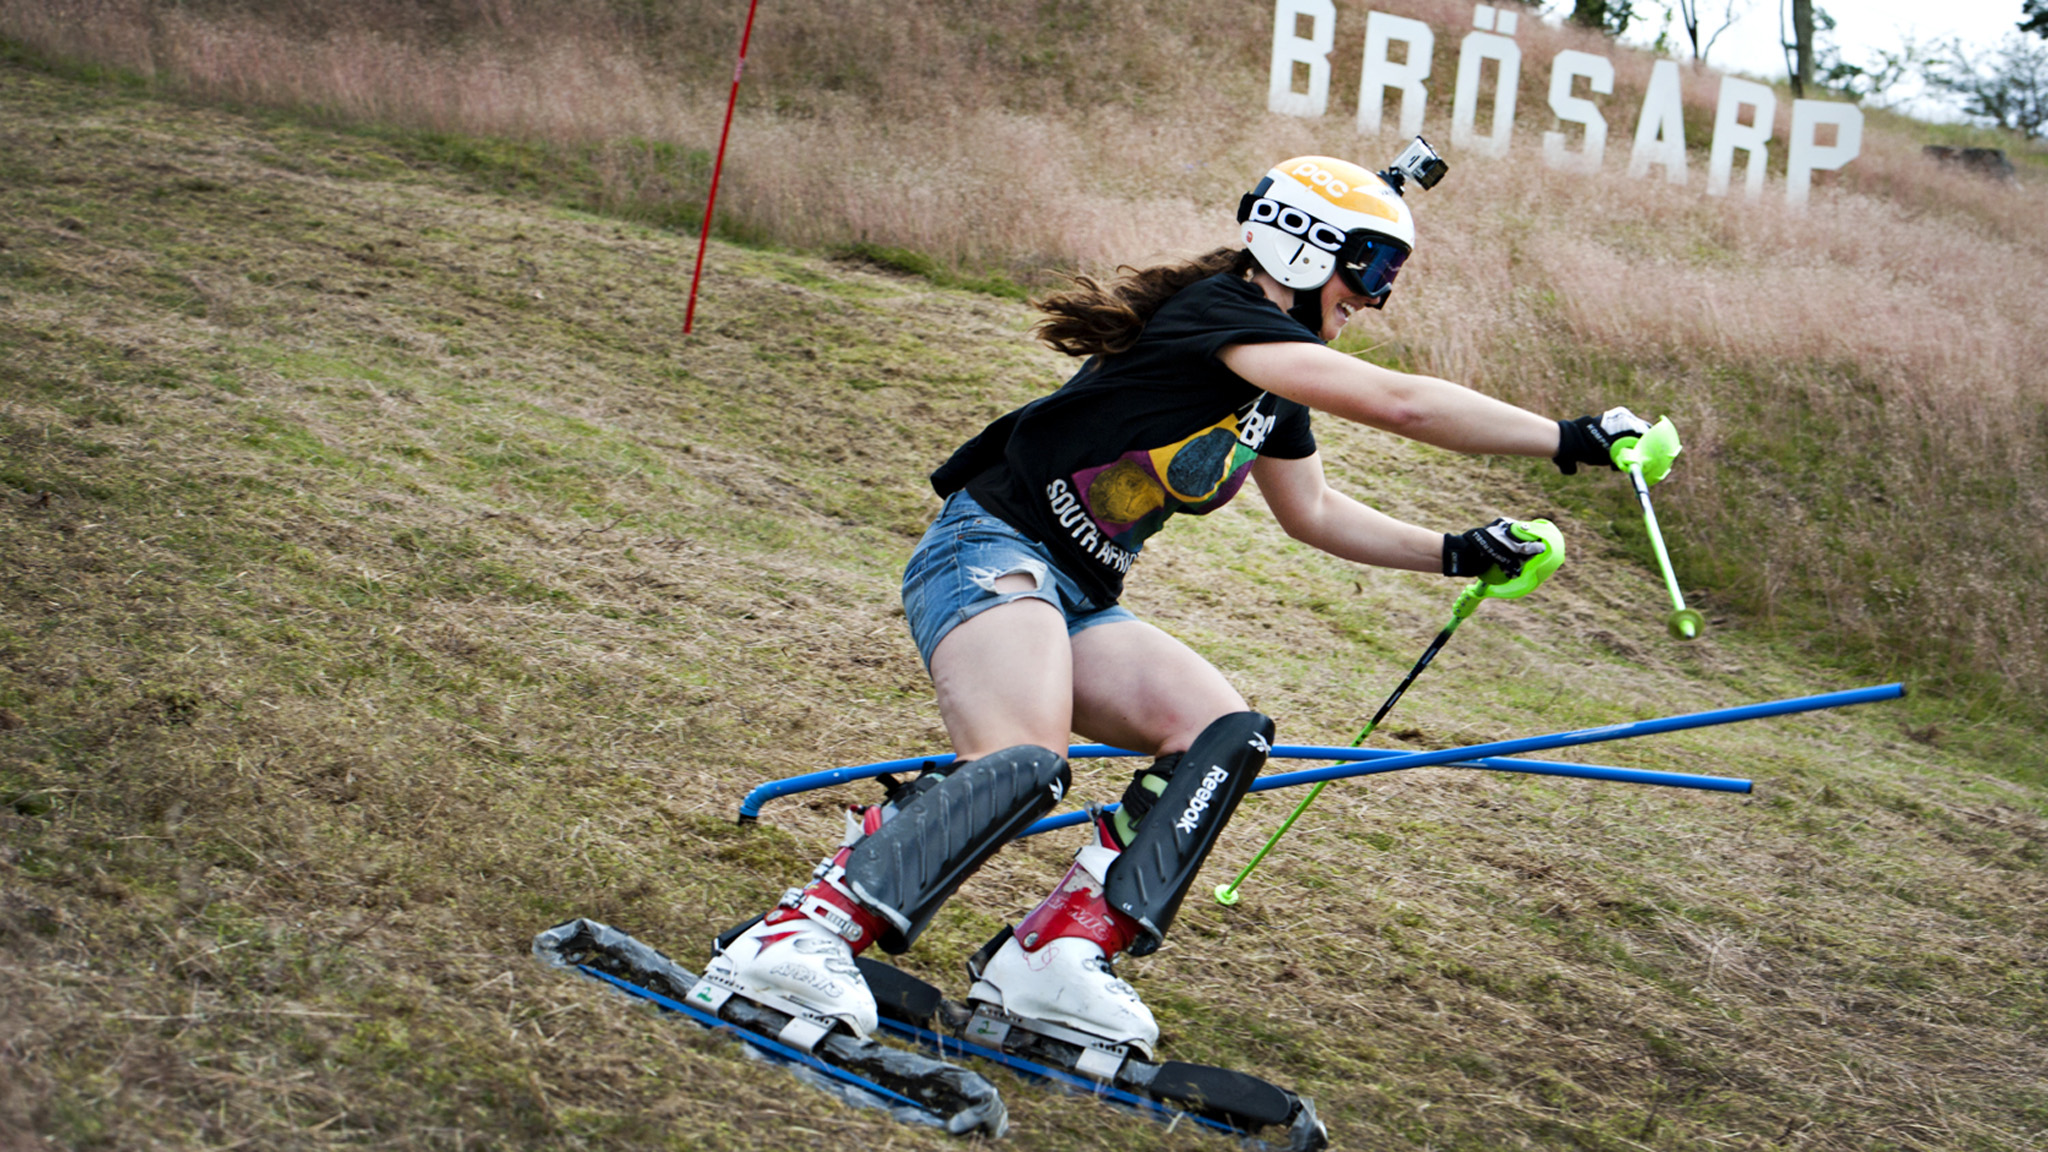 Alpina landslagets Paulina Grassl, juniorvärldsmästare i vanlig slalom 2010 och svensk mästare i parallellslalom 2012, tävlade i Sveriges och Brösarps första SM i grässlalom. Foto Emilia Olofsson